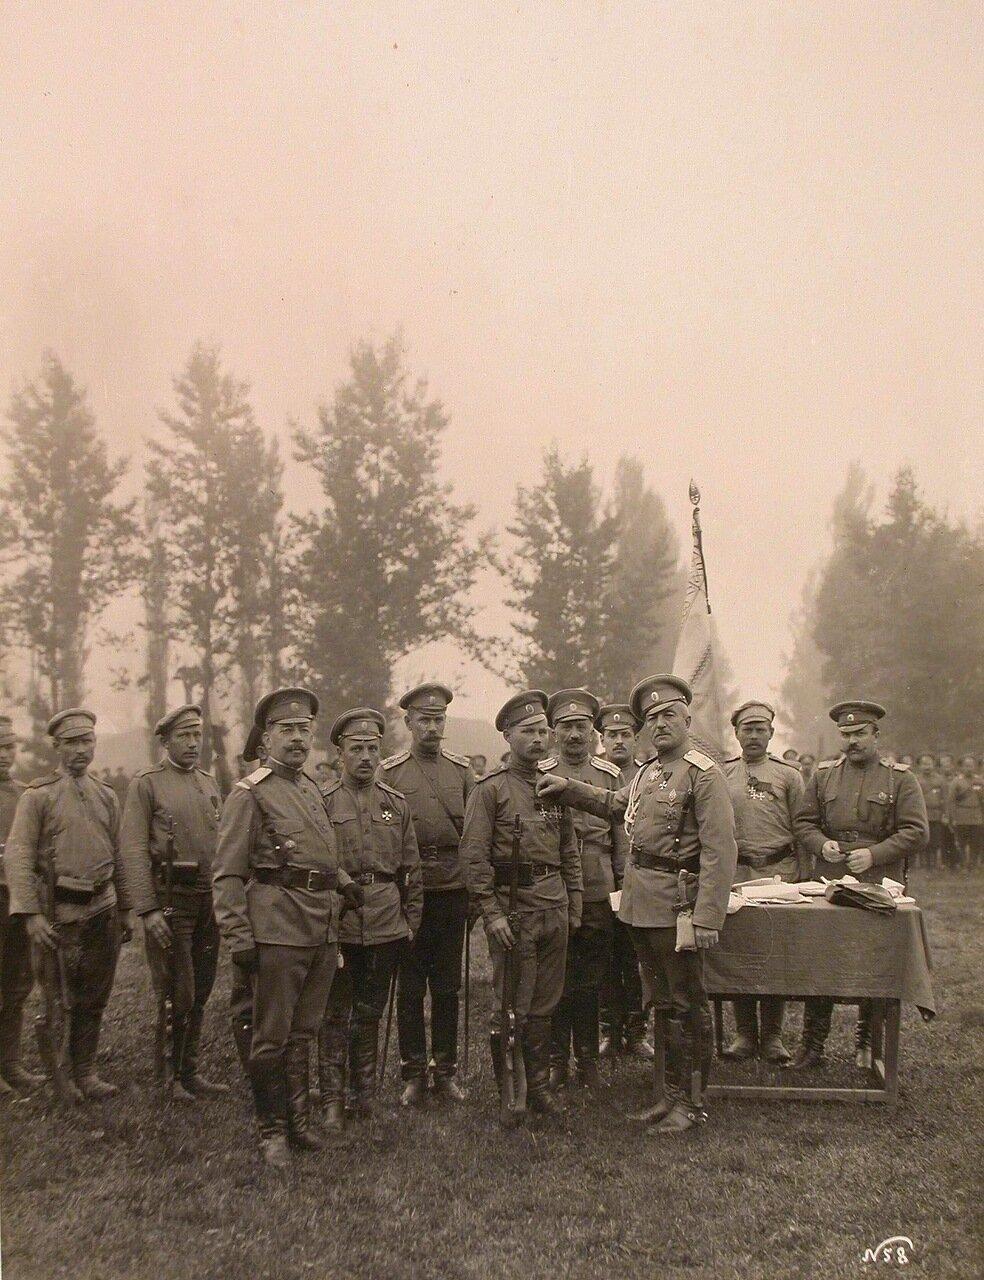 15. Командир 24-го армейского корпуса генерал от кавалерии Цуриков(третий справа)во время награждения бойцов Георгиевскими крестами